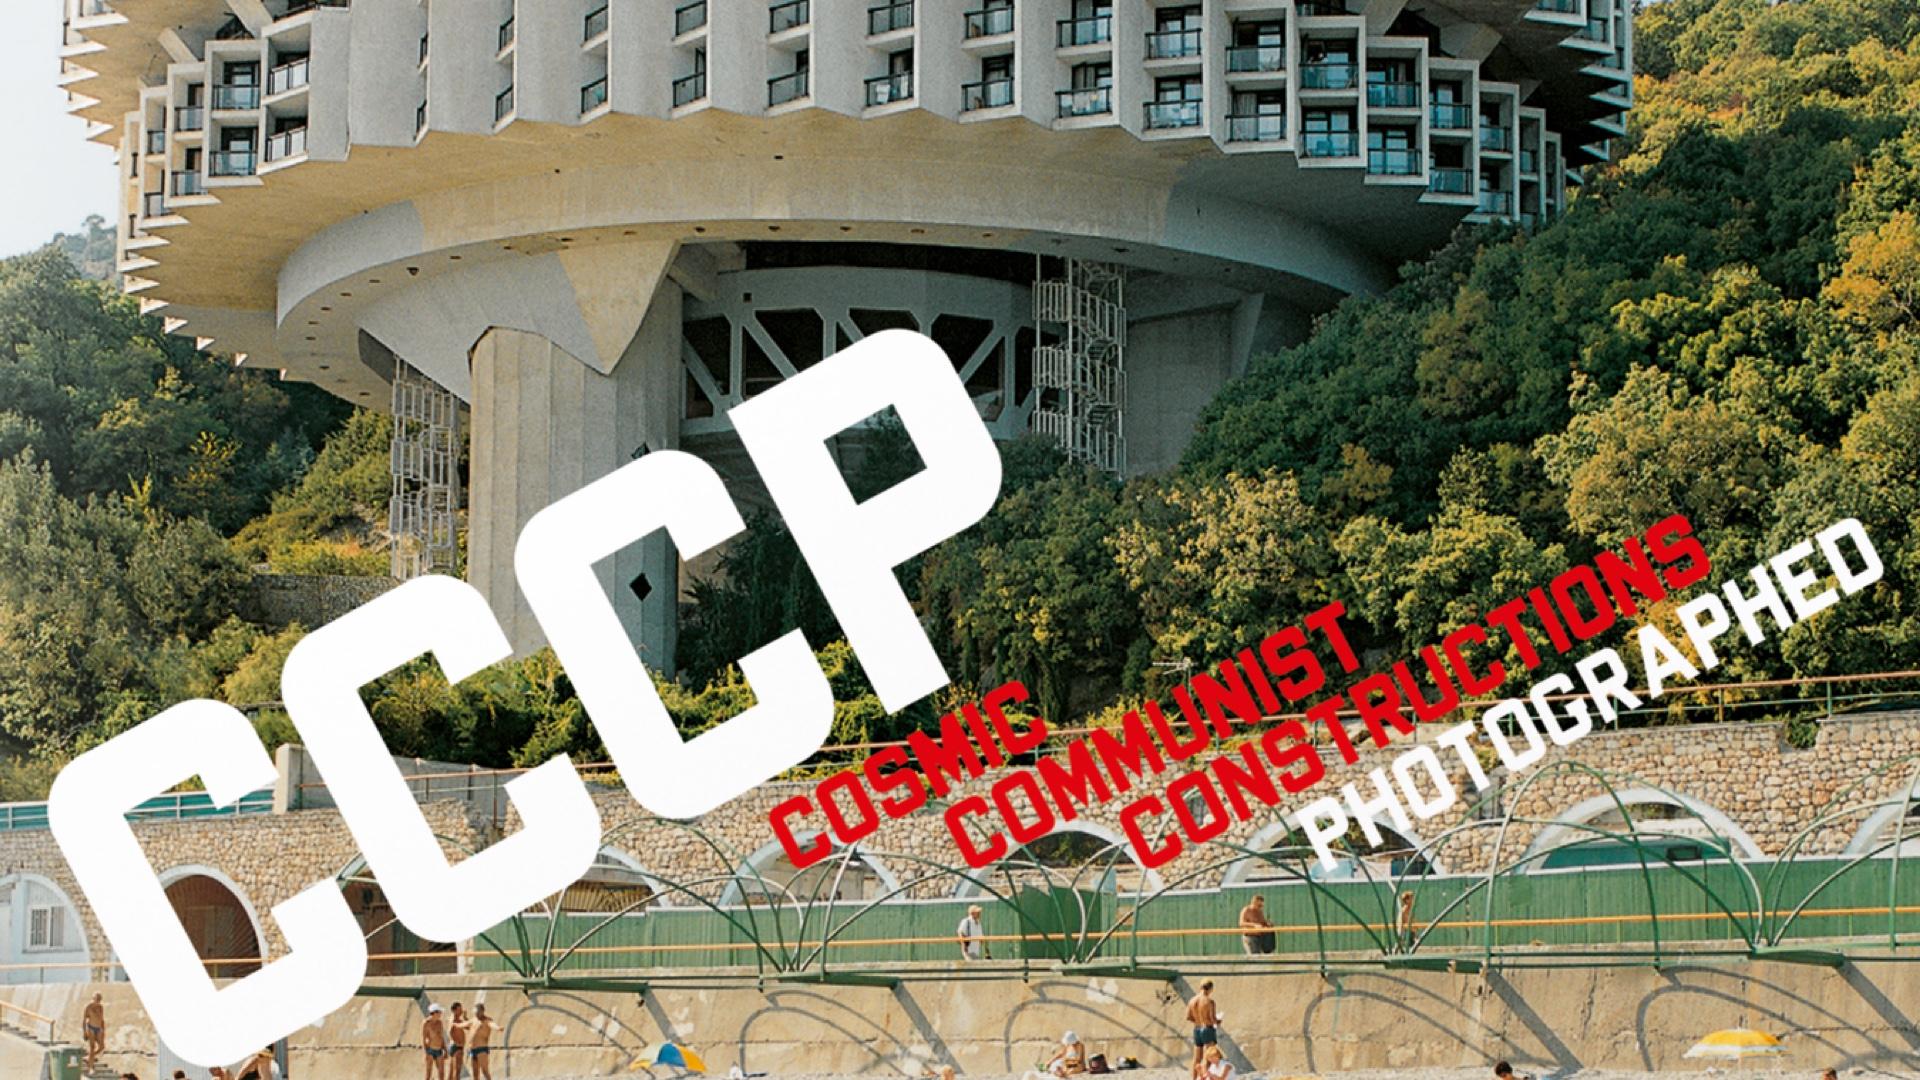 Construções cósmicas comunistas